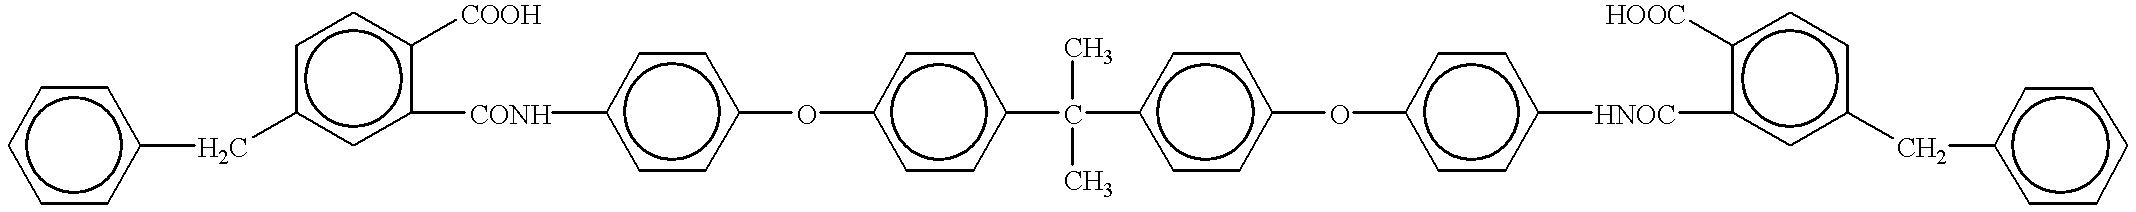 Figure US06180560-20010130-C00453